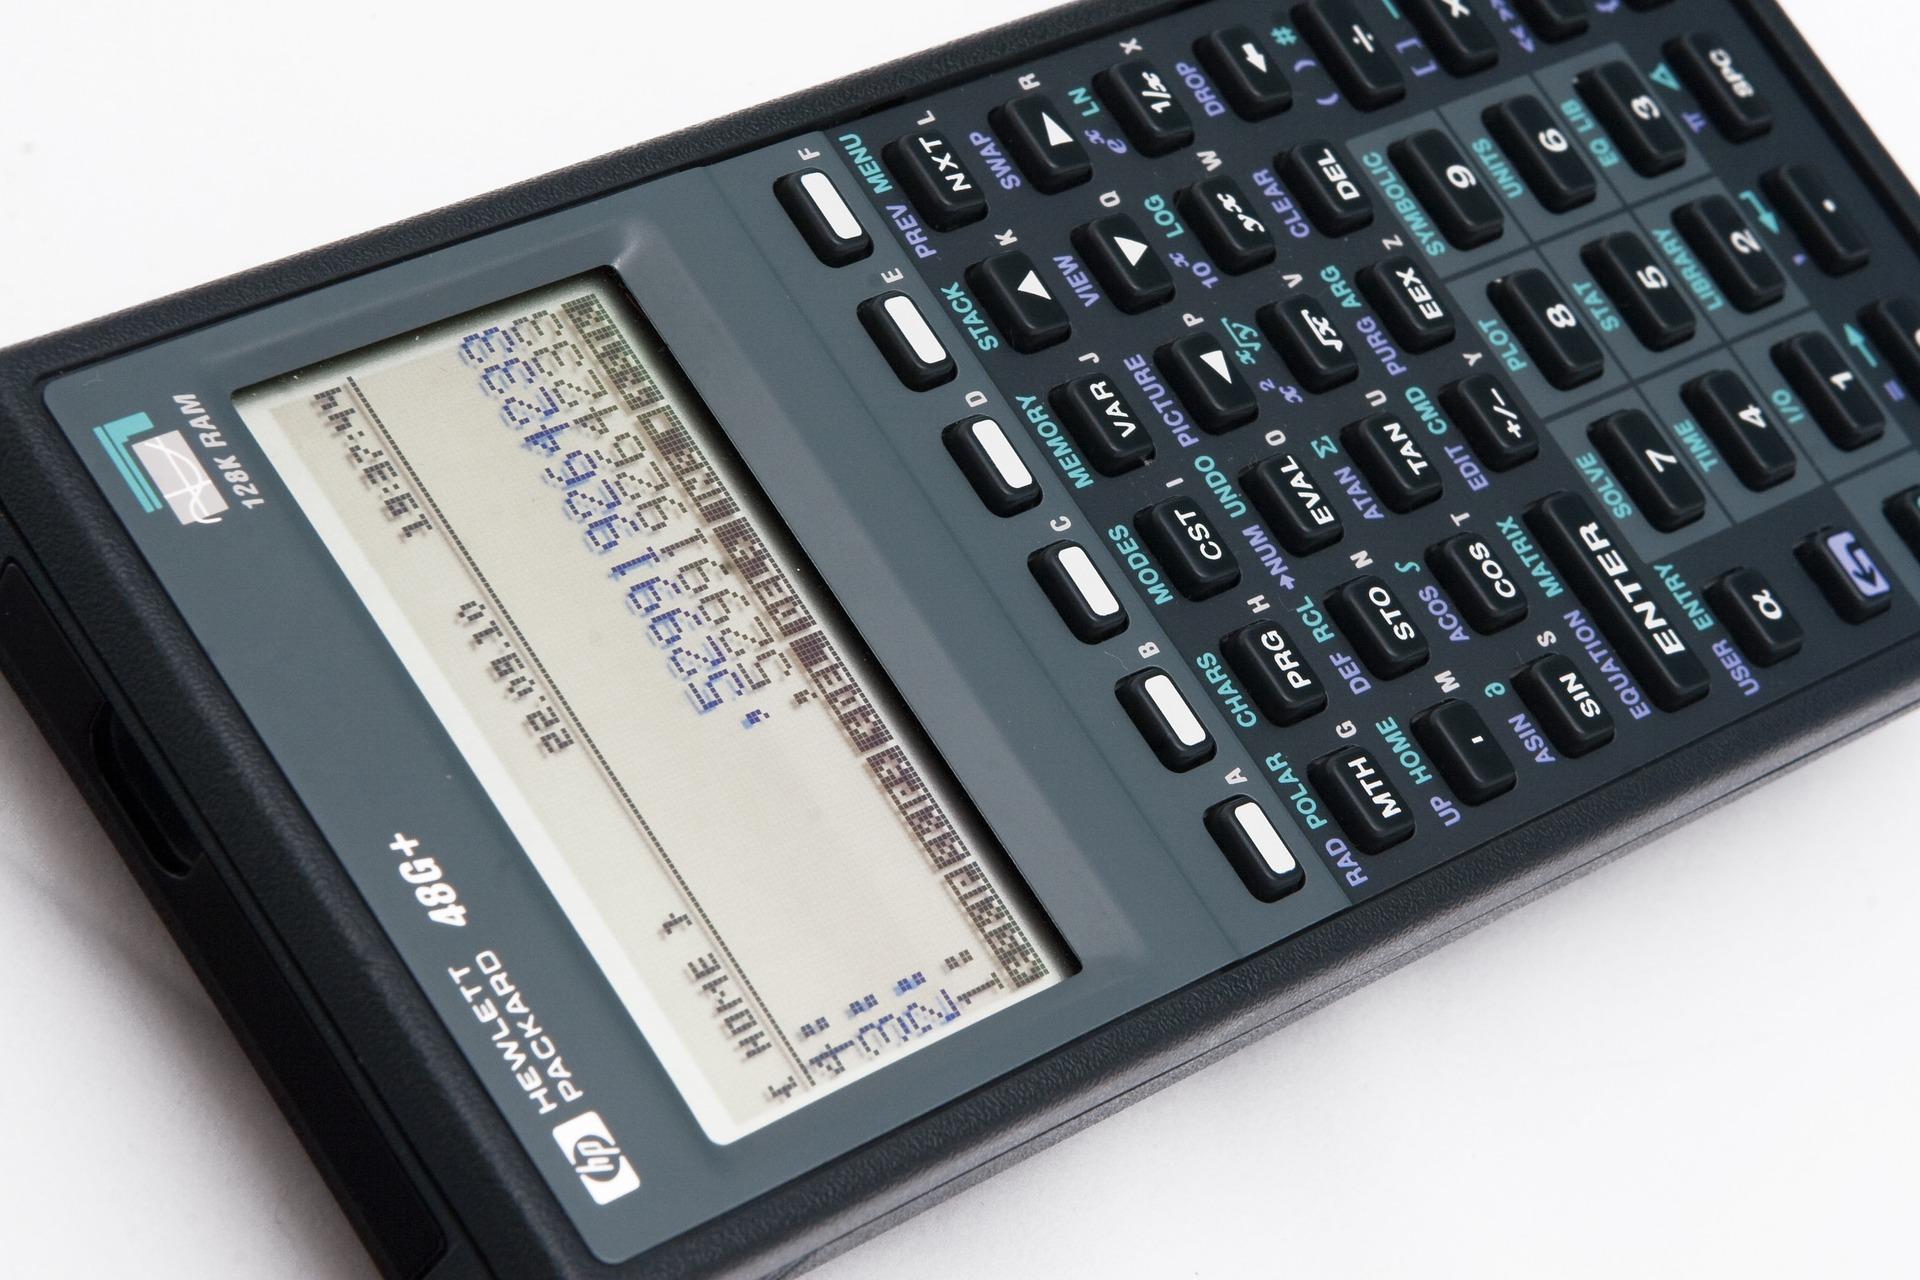 Imagem aproximada de calculadora financeira HP